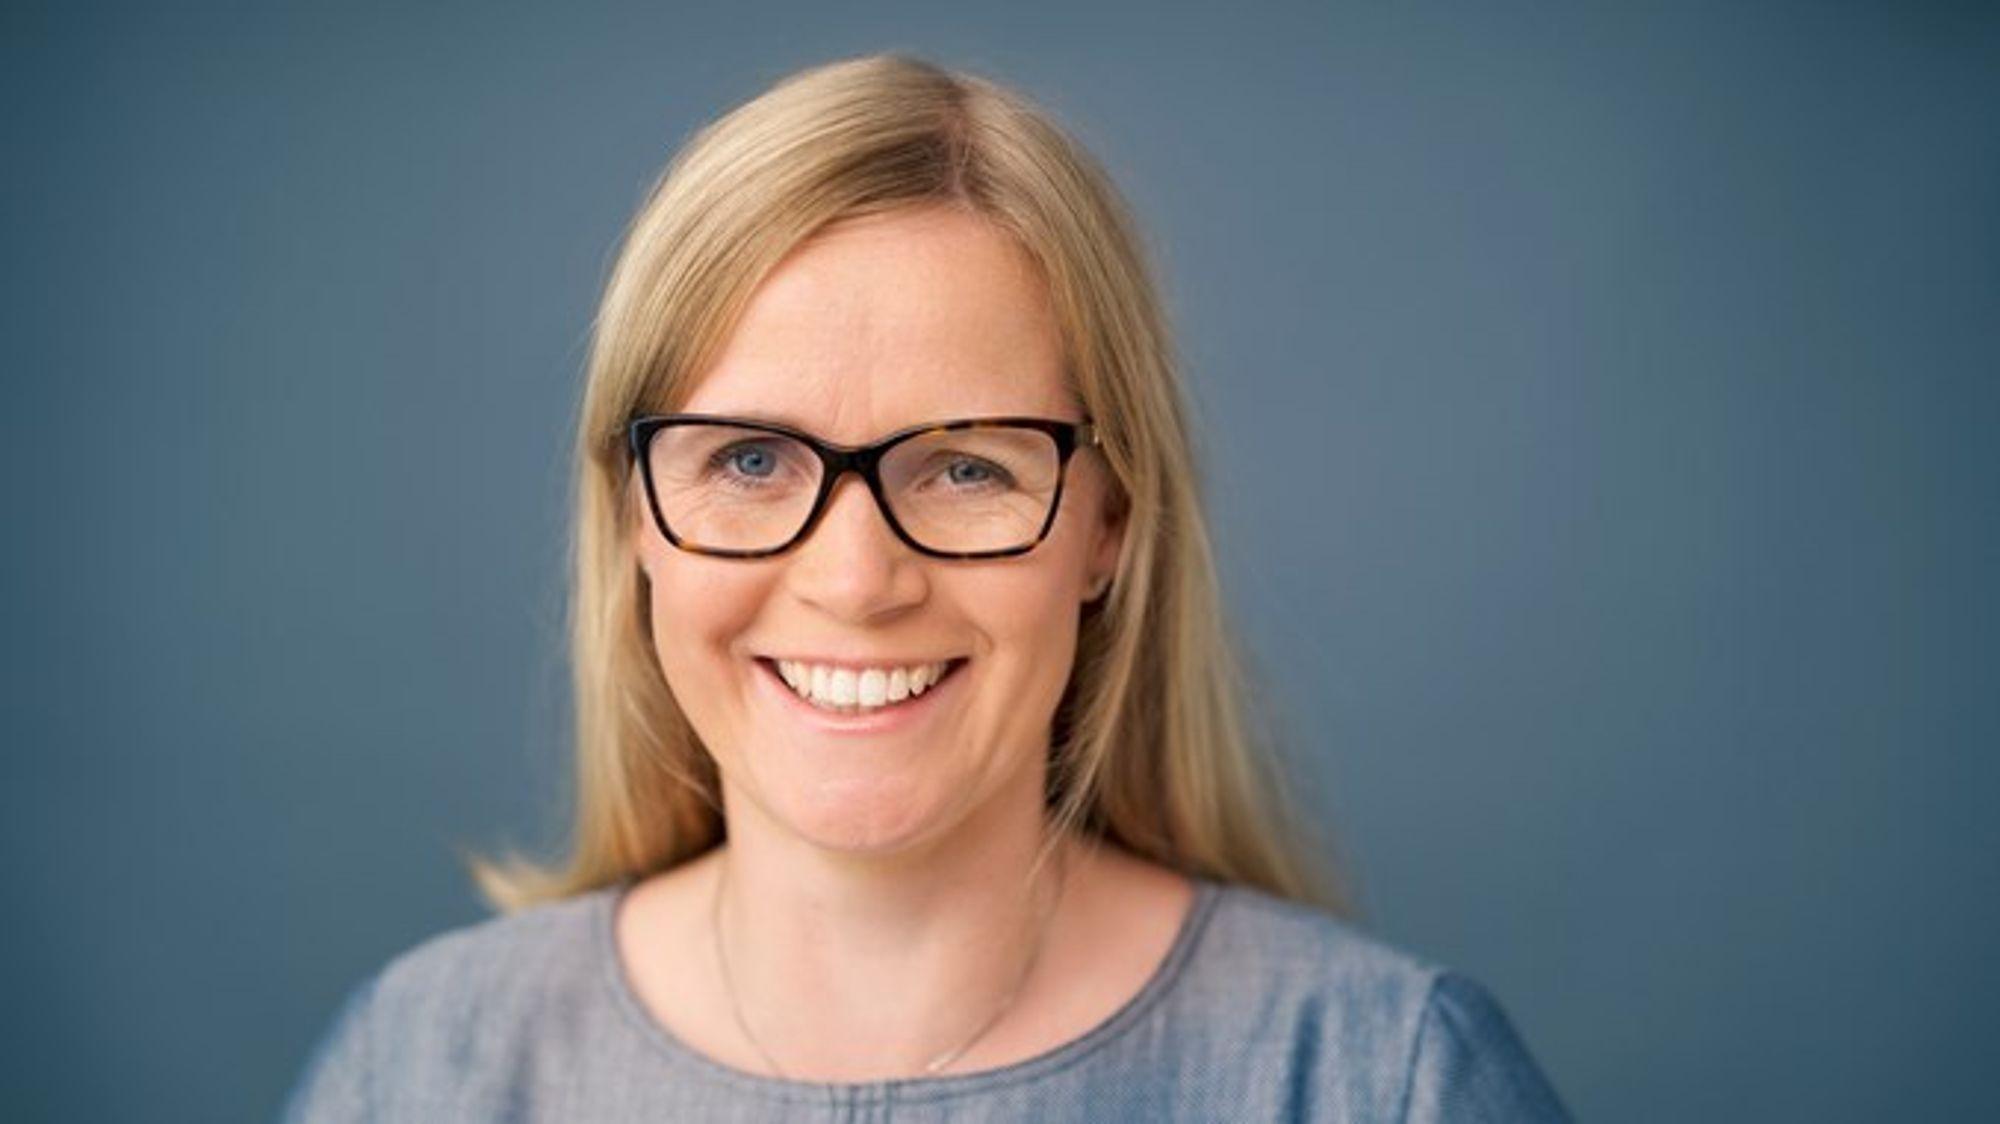 Birgitte Ringstad Vartdal blir ny konserndirektør for europeisk vind- og solkraft i Statkraft fra 1. april.